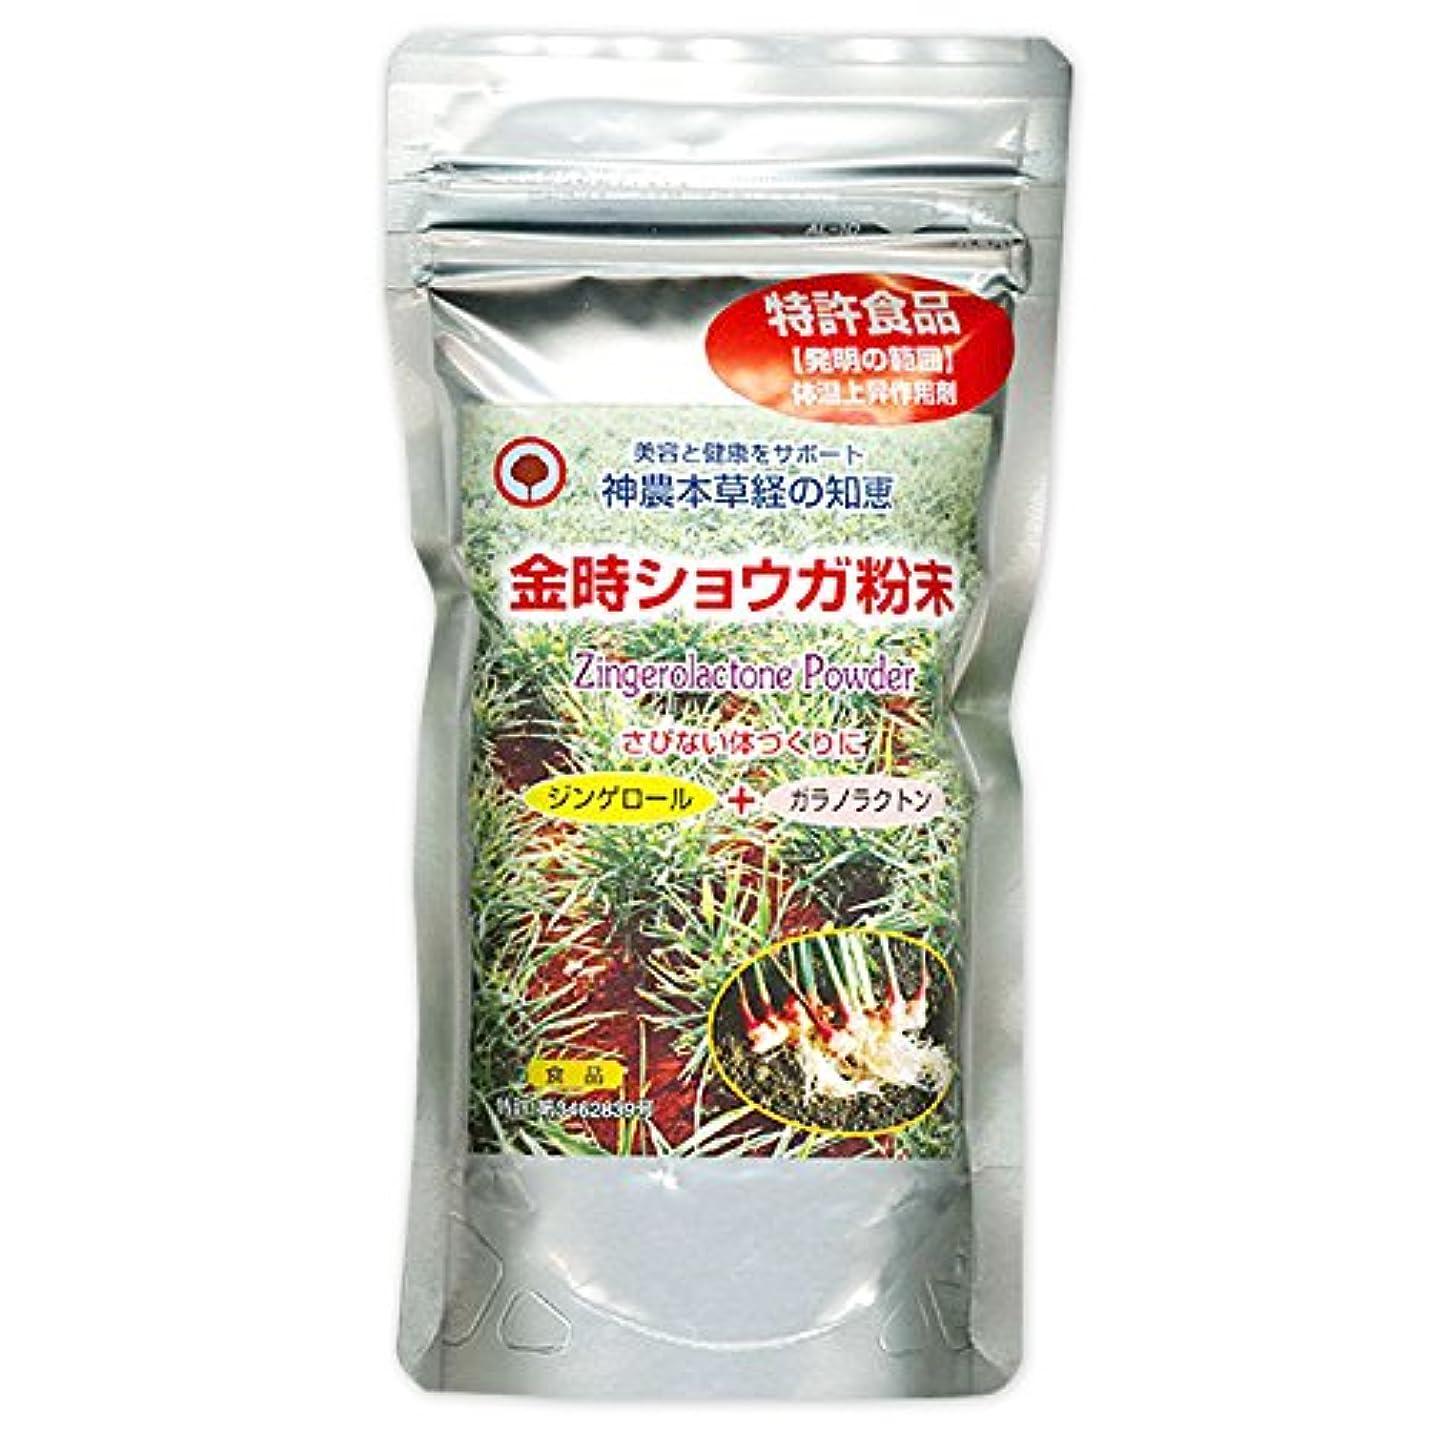 洗剤わな習字金時ショウガ粉末 [100g]